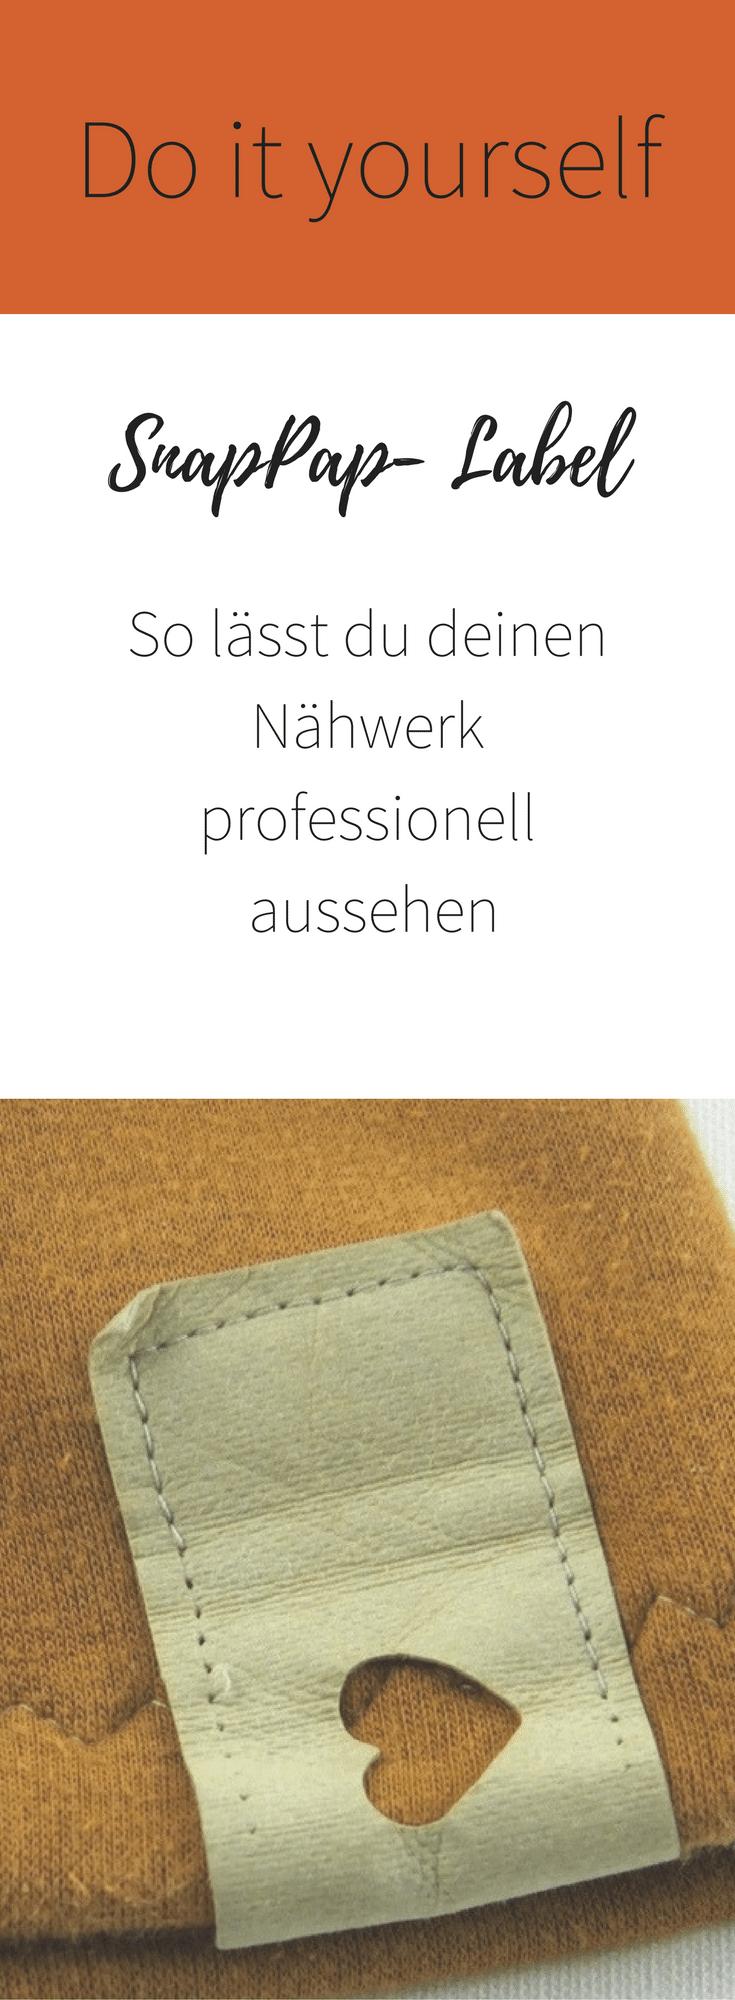 DIY SnapPaplabel So lässt du dein Nähwerk professionell aussehen (2)